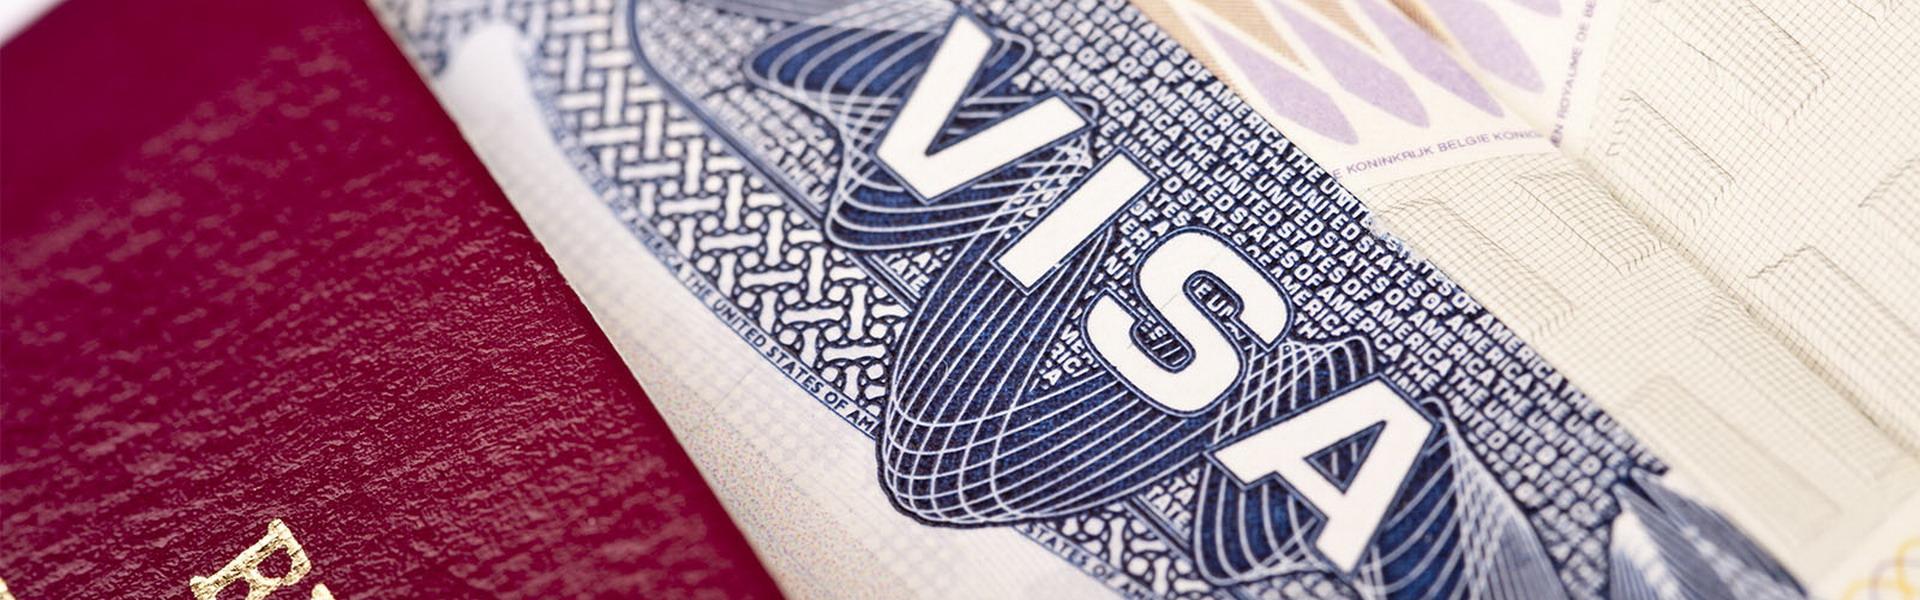 Golden Visa | Visado de Inversores